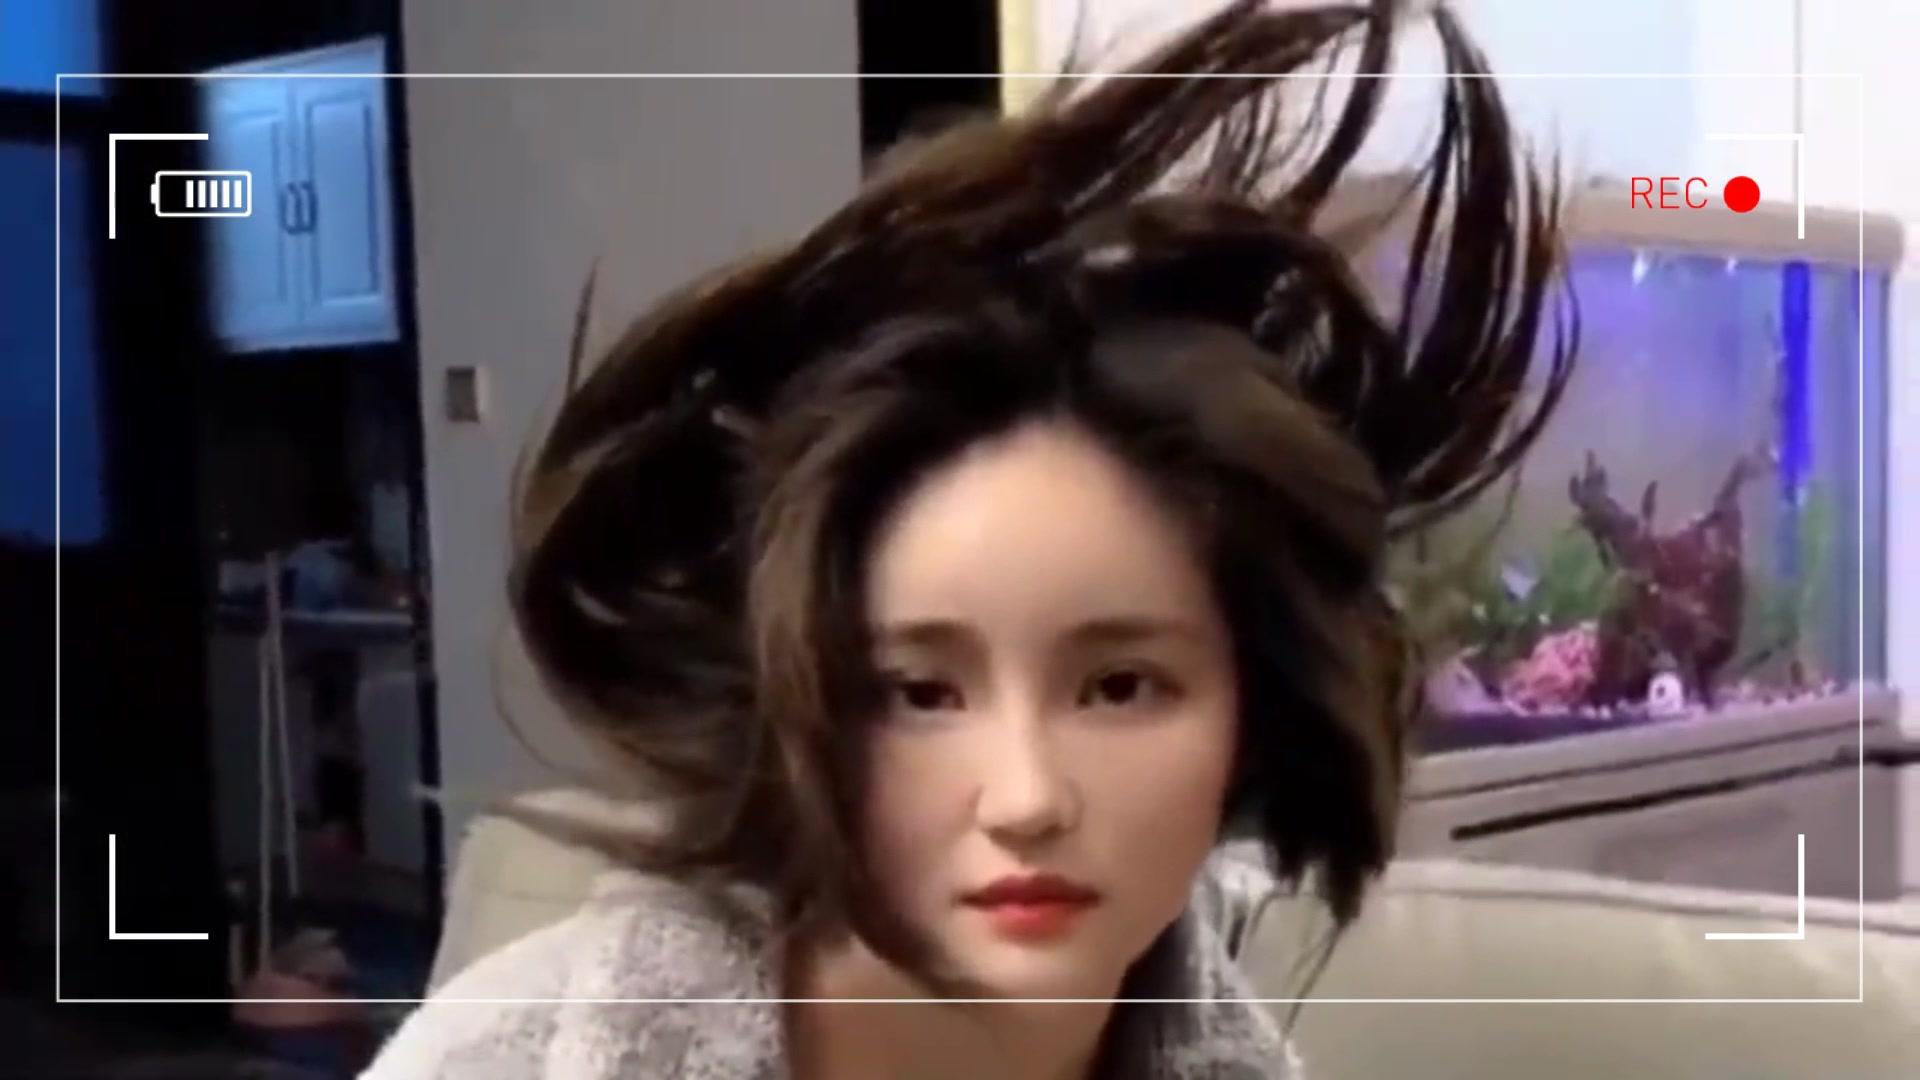 cf搞笑视频哎呦 老婆_趁老婆睡觉反击一下,将定型剂喷满头发,这成果惊艳到我了 ...